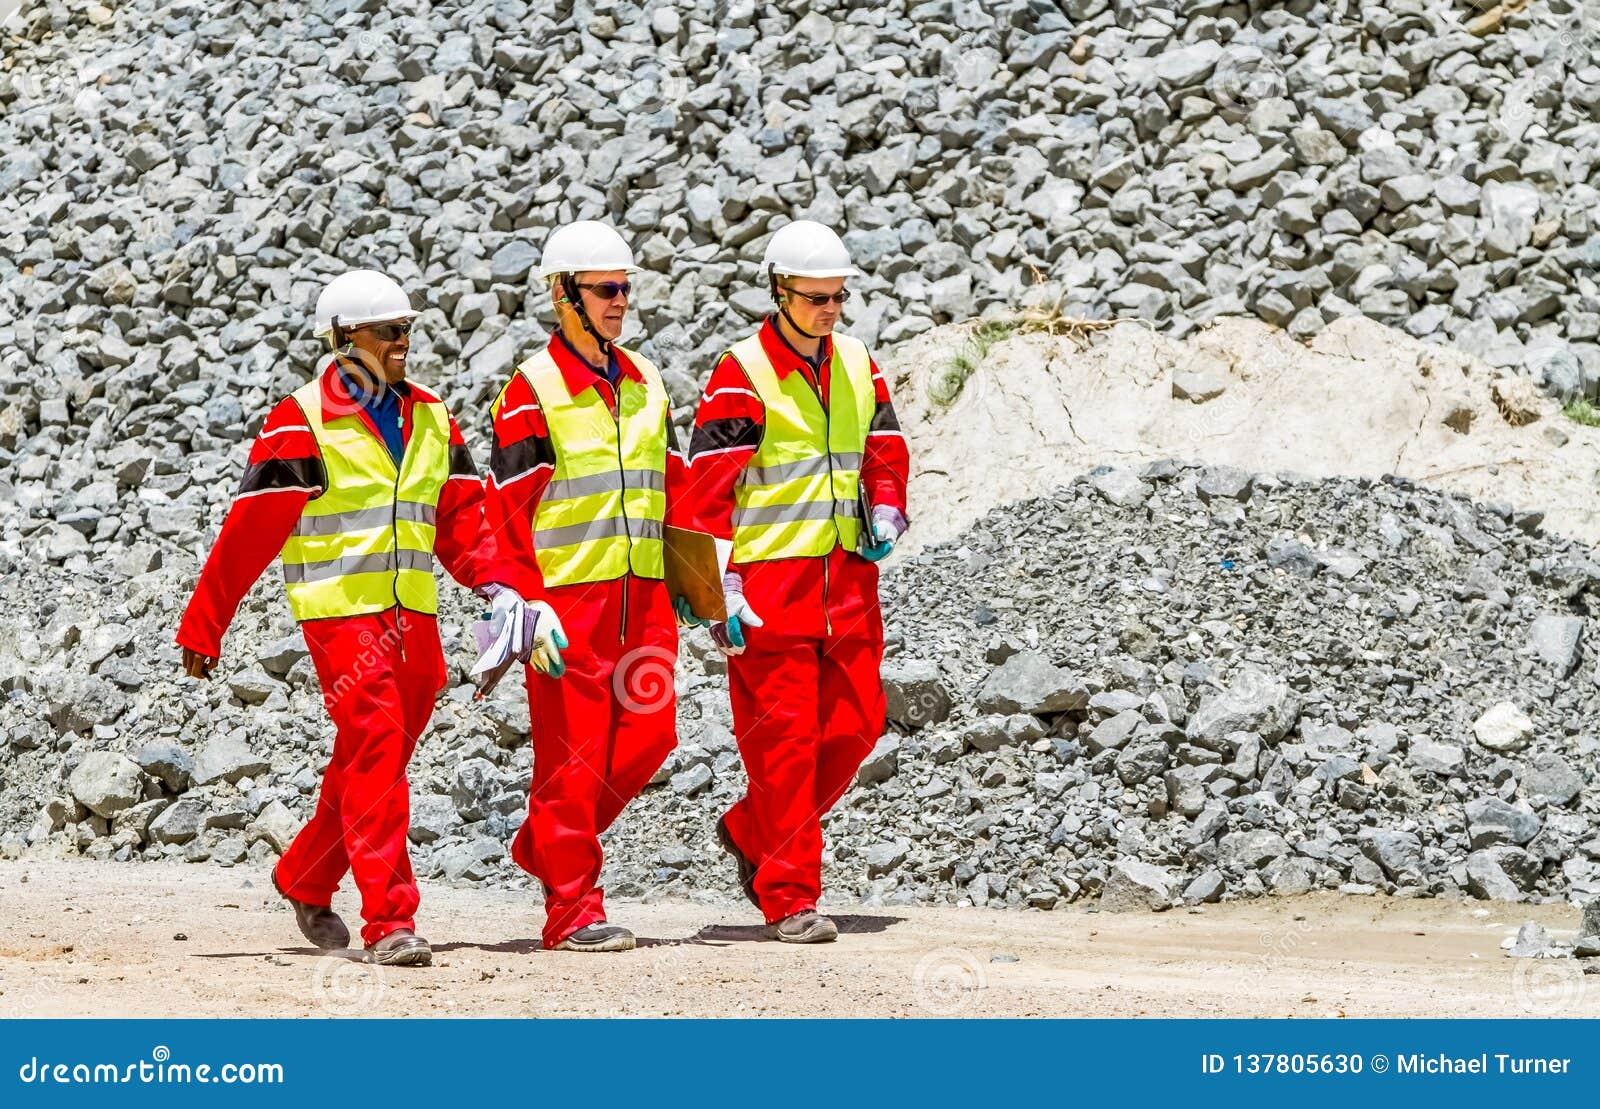 Minério da platina do transporte de correia transportadora para processar com os inspetores da segurança de mineração que verific